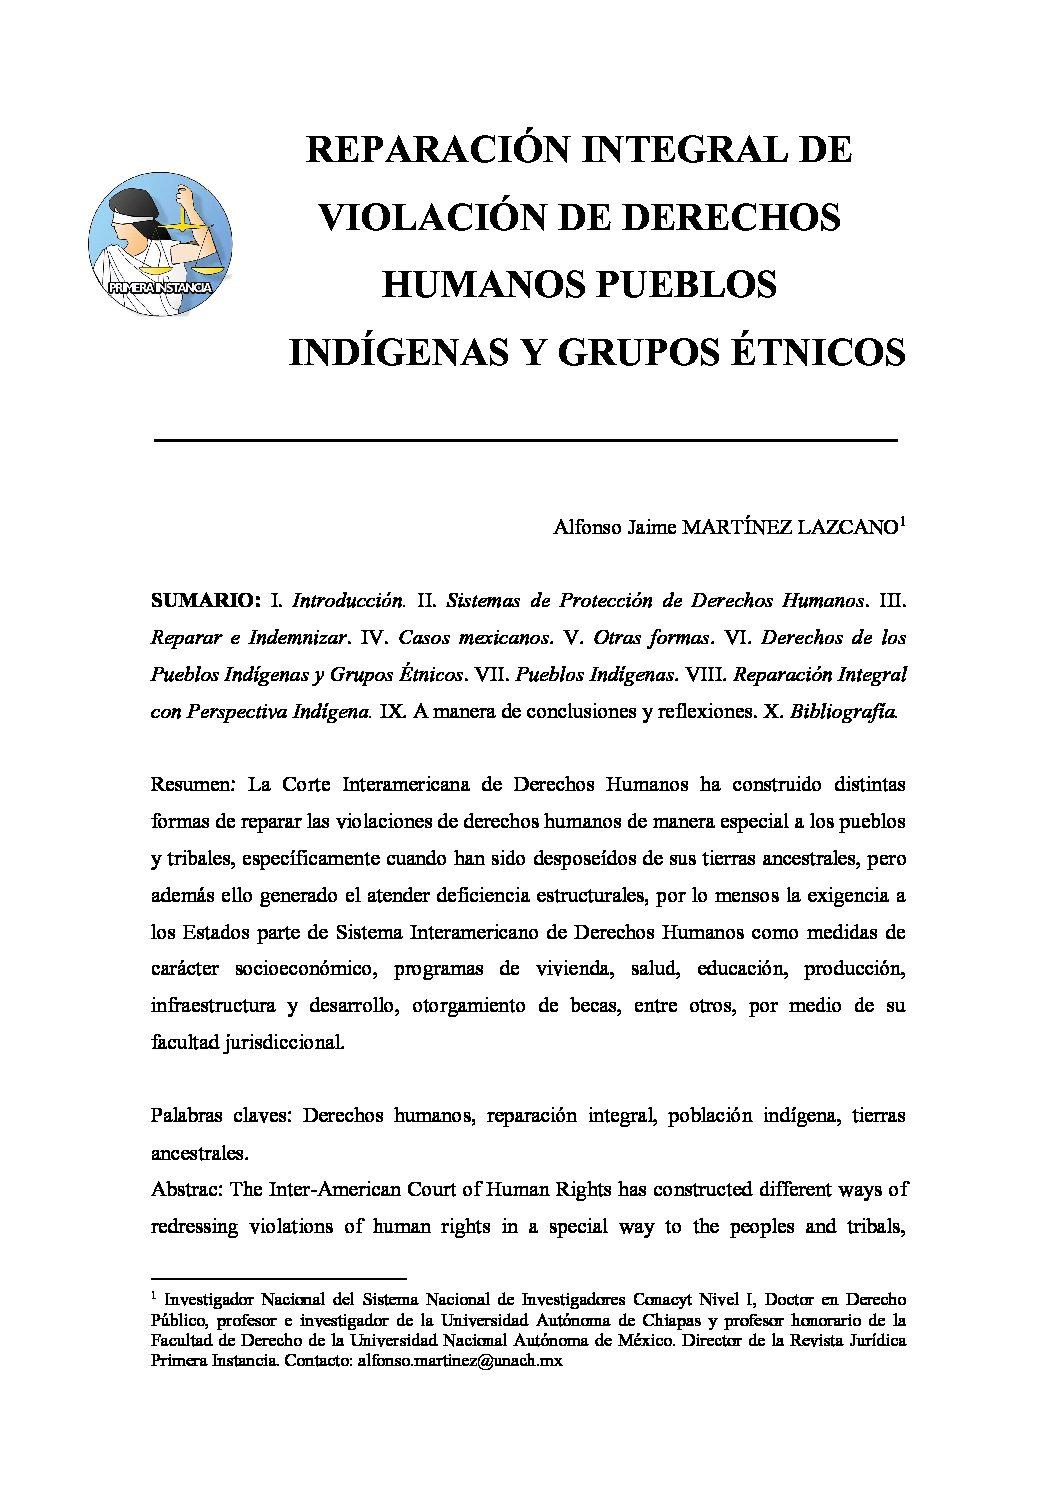 REPARACIÓN INTEGRAL DE VIOLACIÓN DE DERECHOS HUMANOS PUEBLOS INDIGÉNAS Y GRUPOS ÉTNICOS, Alfonso Jaime Martínez Lazcano